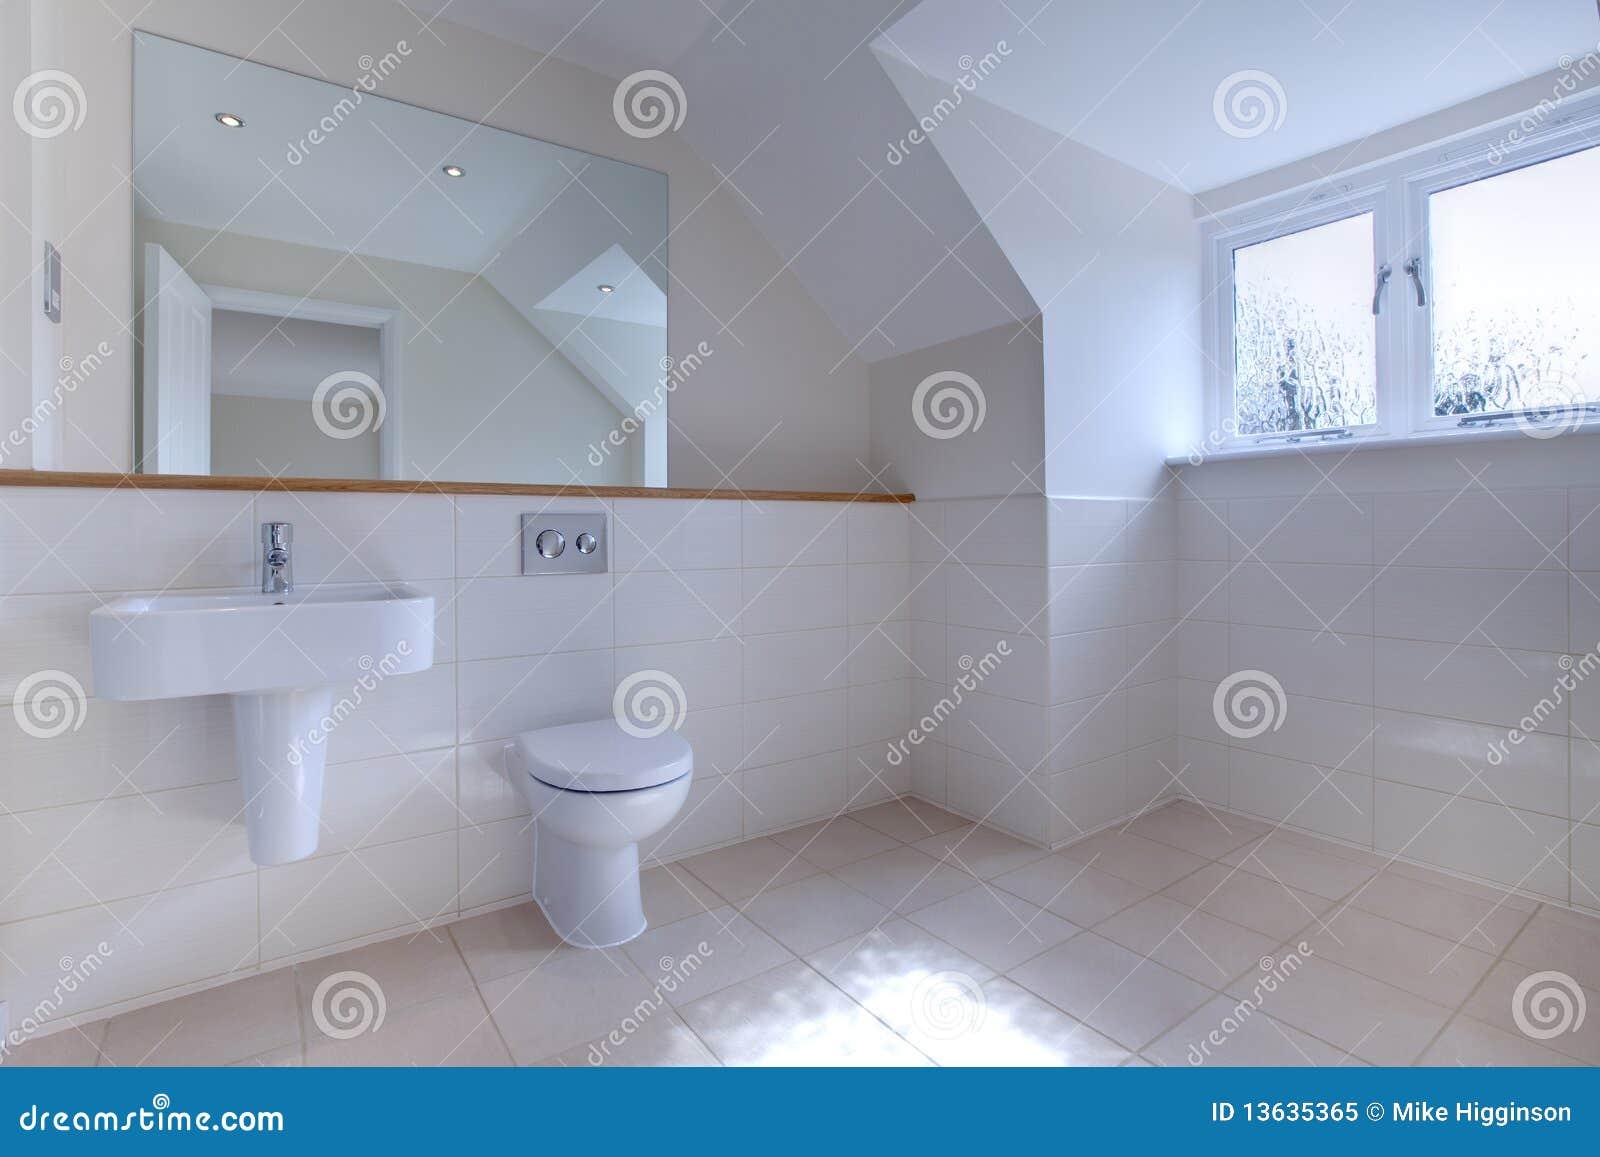 Banheiro Chique Minimalista Foto de Stock Royalty Free  Imagem 13635365 -> Banheiros Simples E Chique